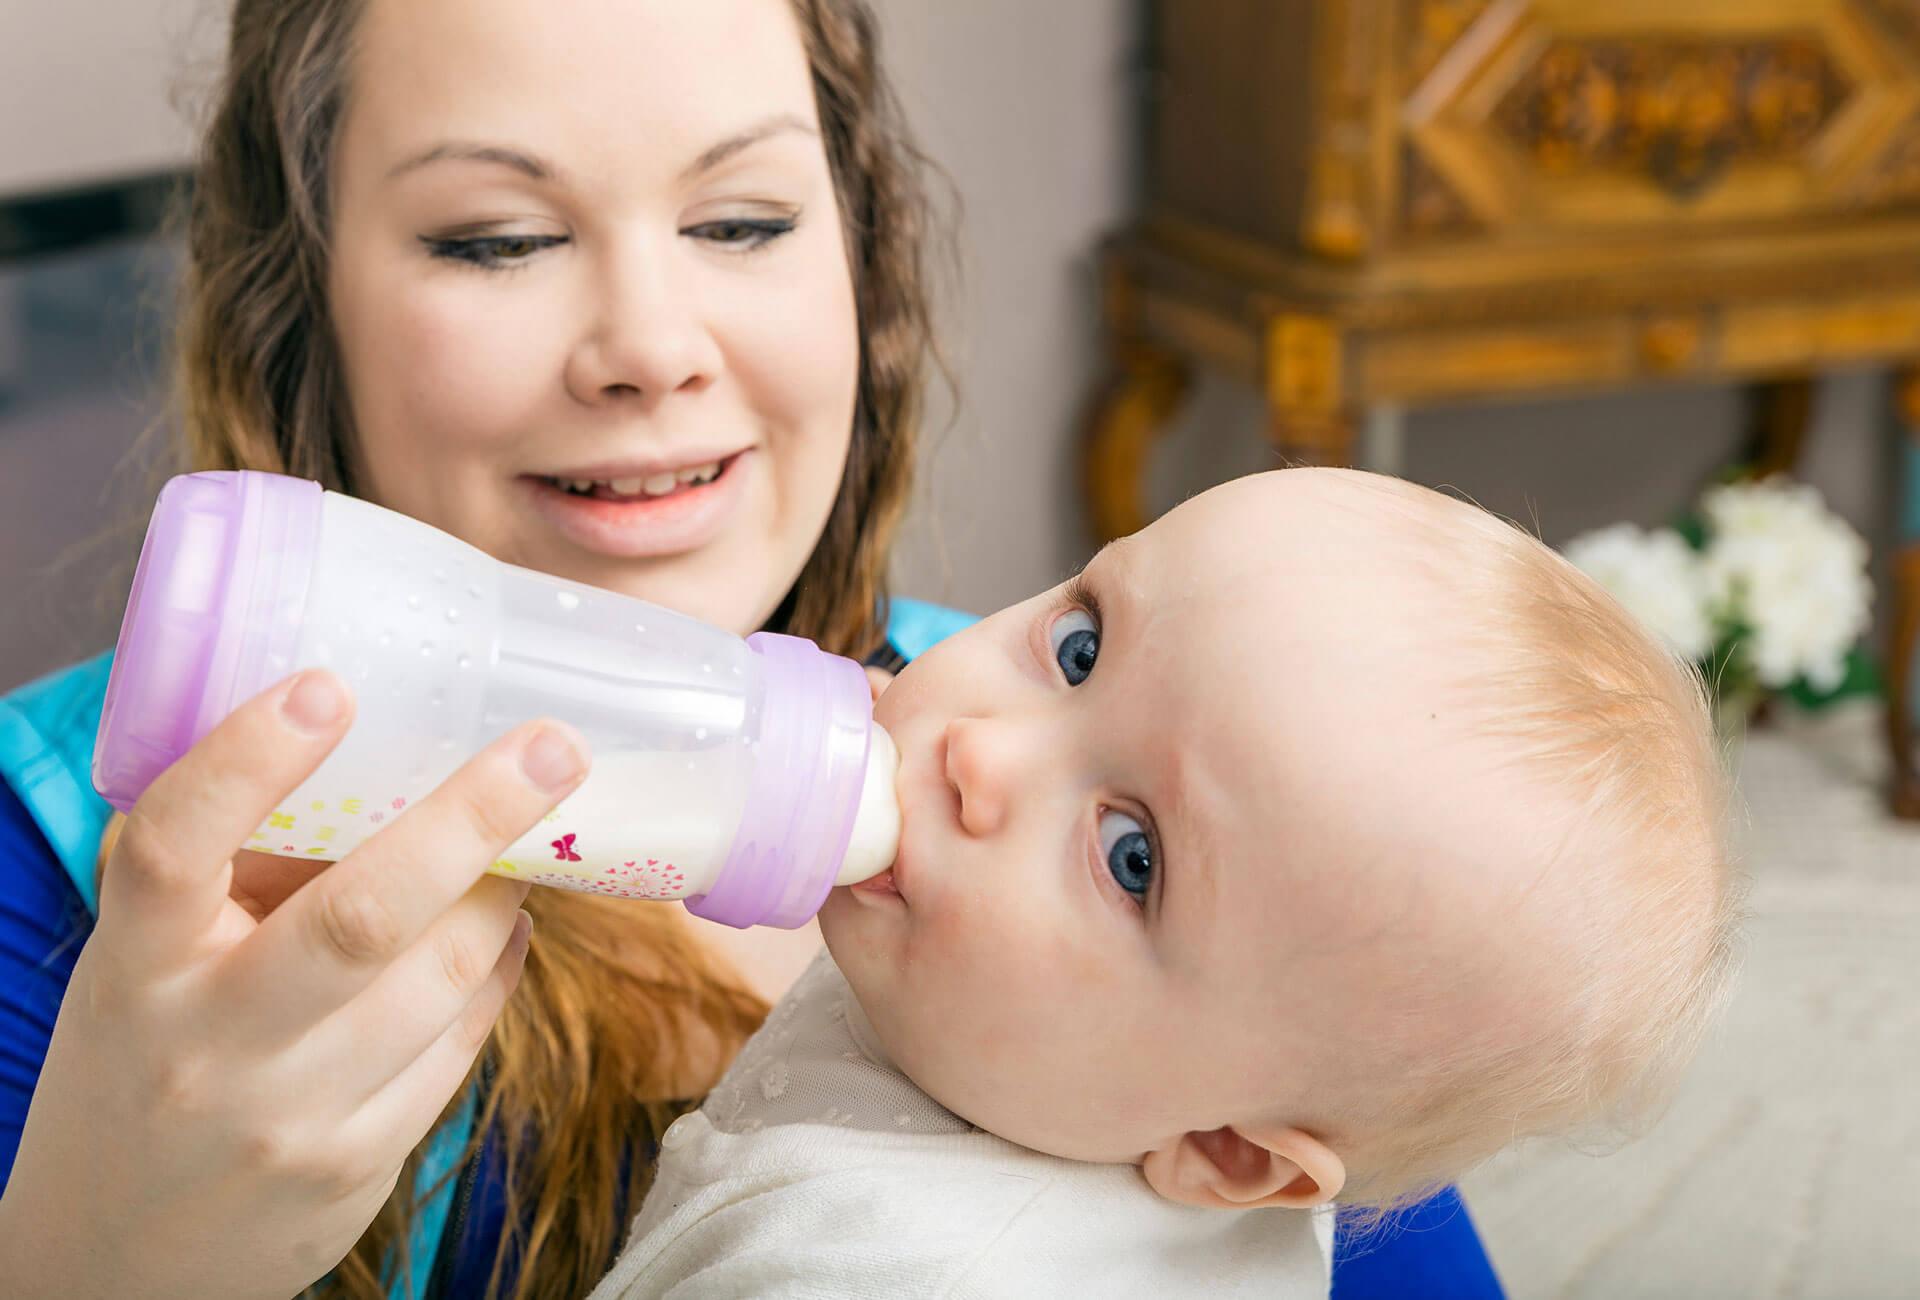 Lastenhoito - Hoito- ja hoivapalvelu Taru Koskivuori